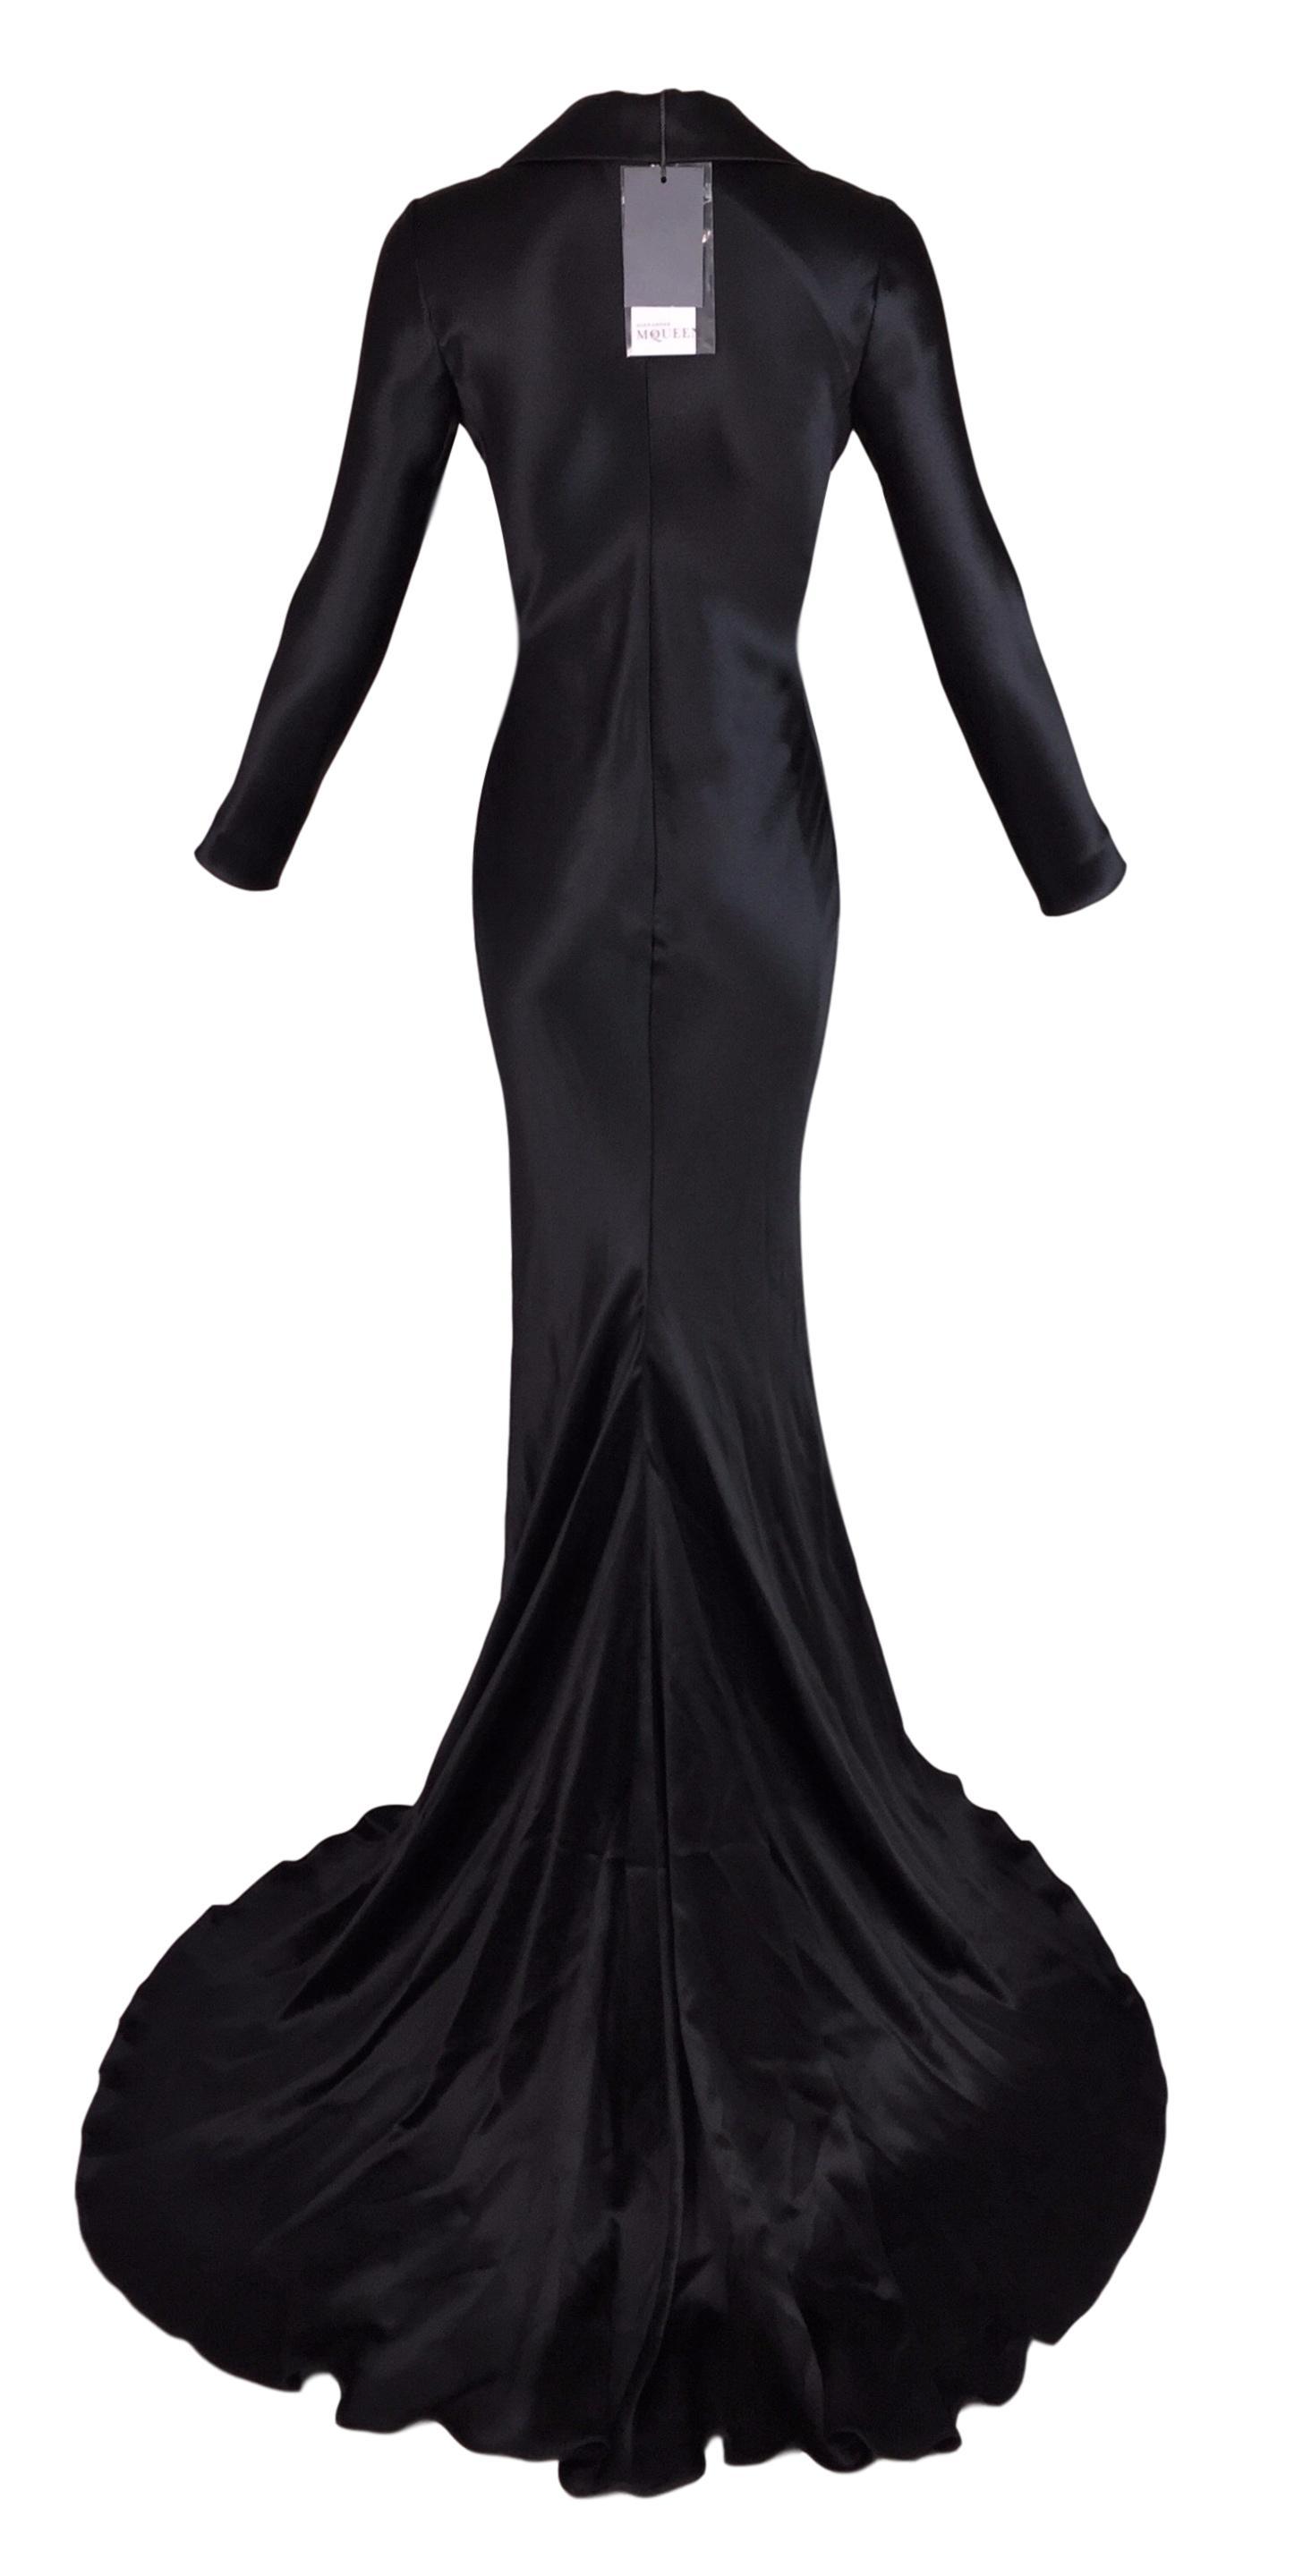 S/S 2007 Alexander McQueen Beaded Plunging Black Tuxedo Gown Dress ...